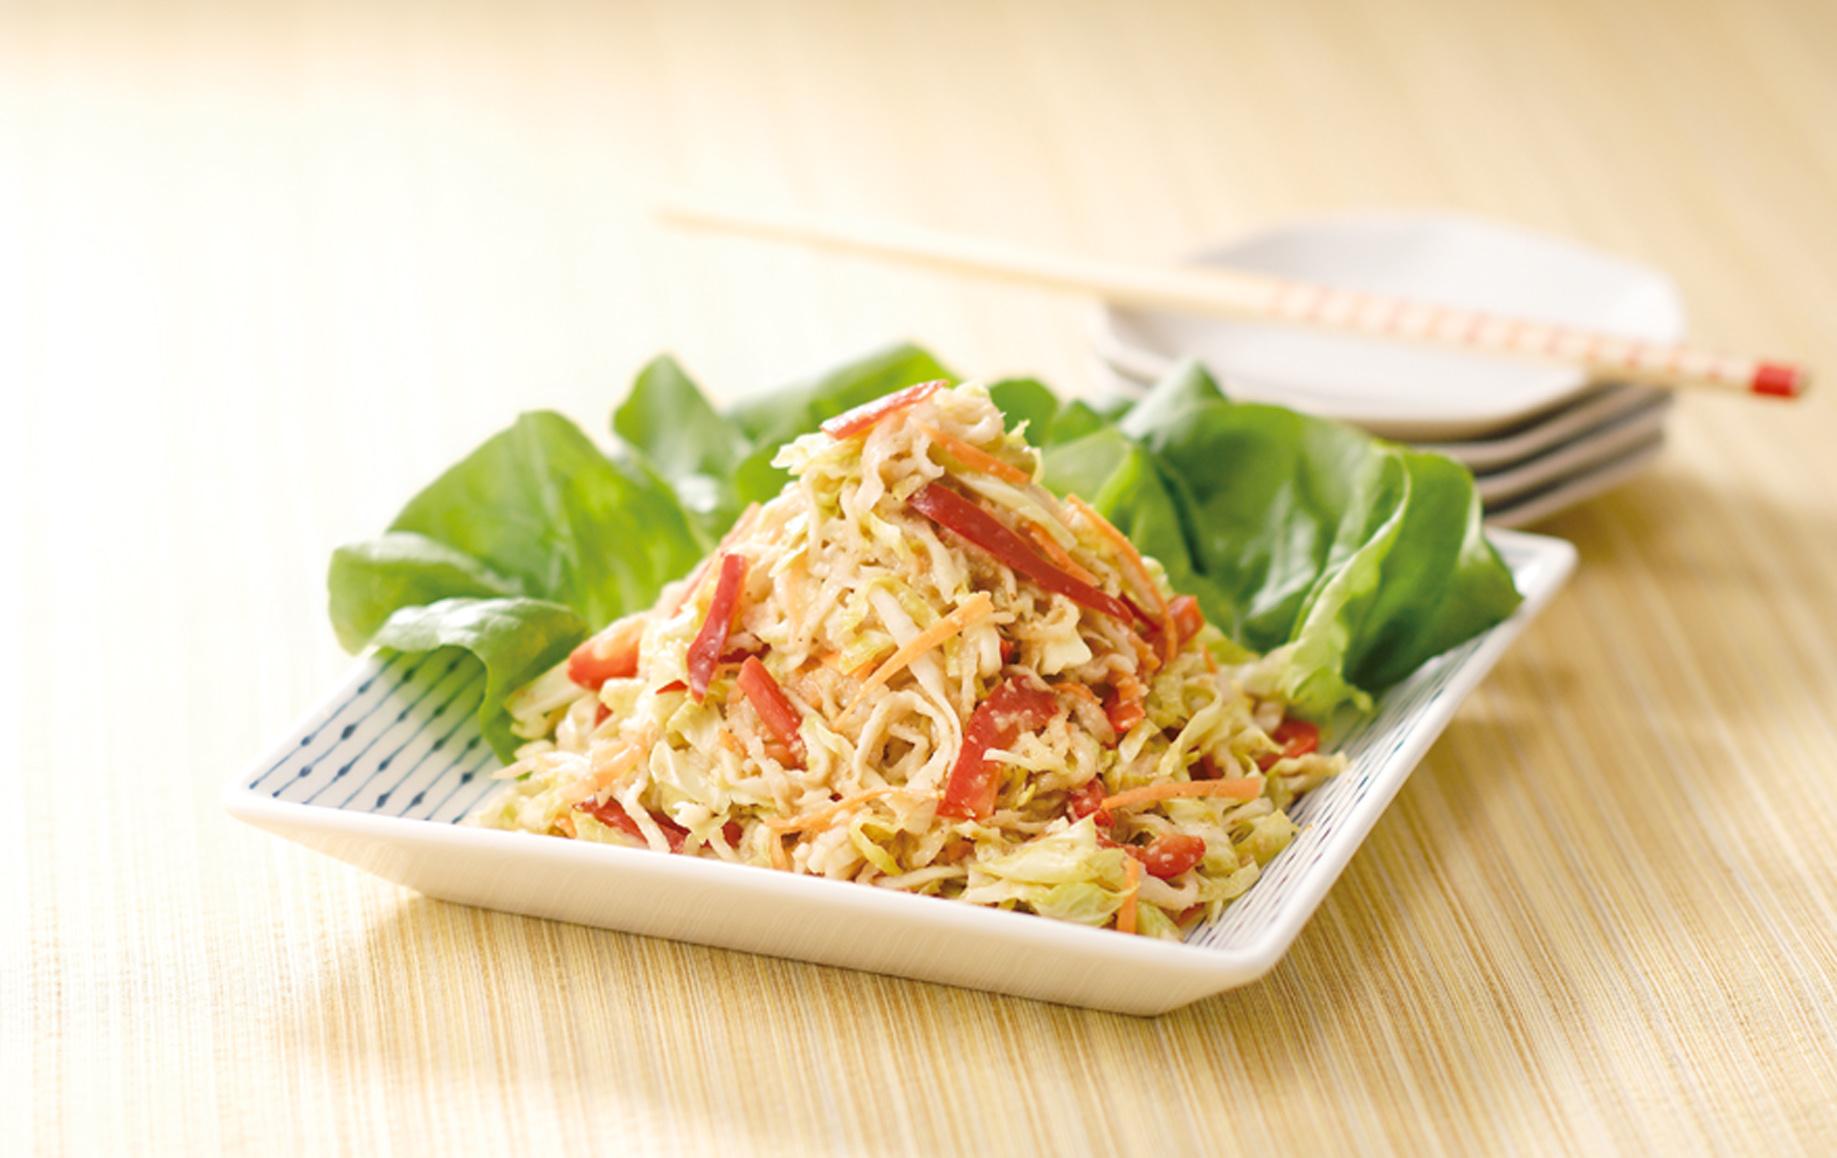 ちょっぴり意外だけど美味しくて人気!切り干し大根サラダのレシピのサムネイル画像